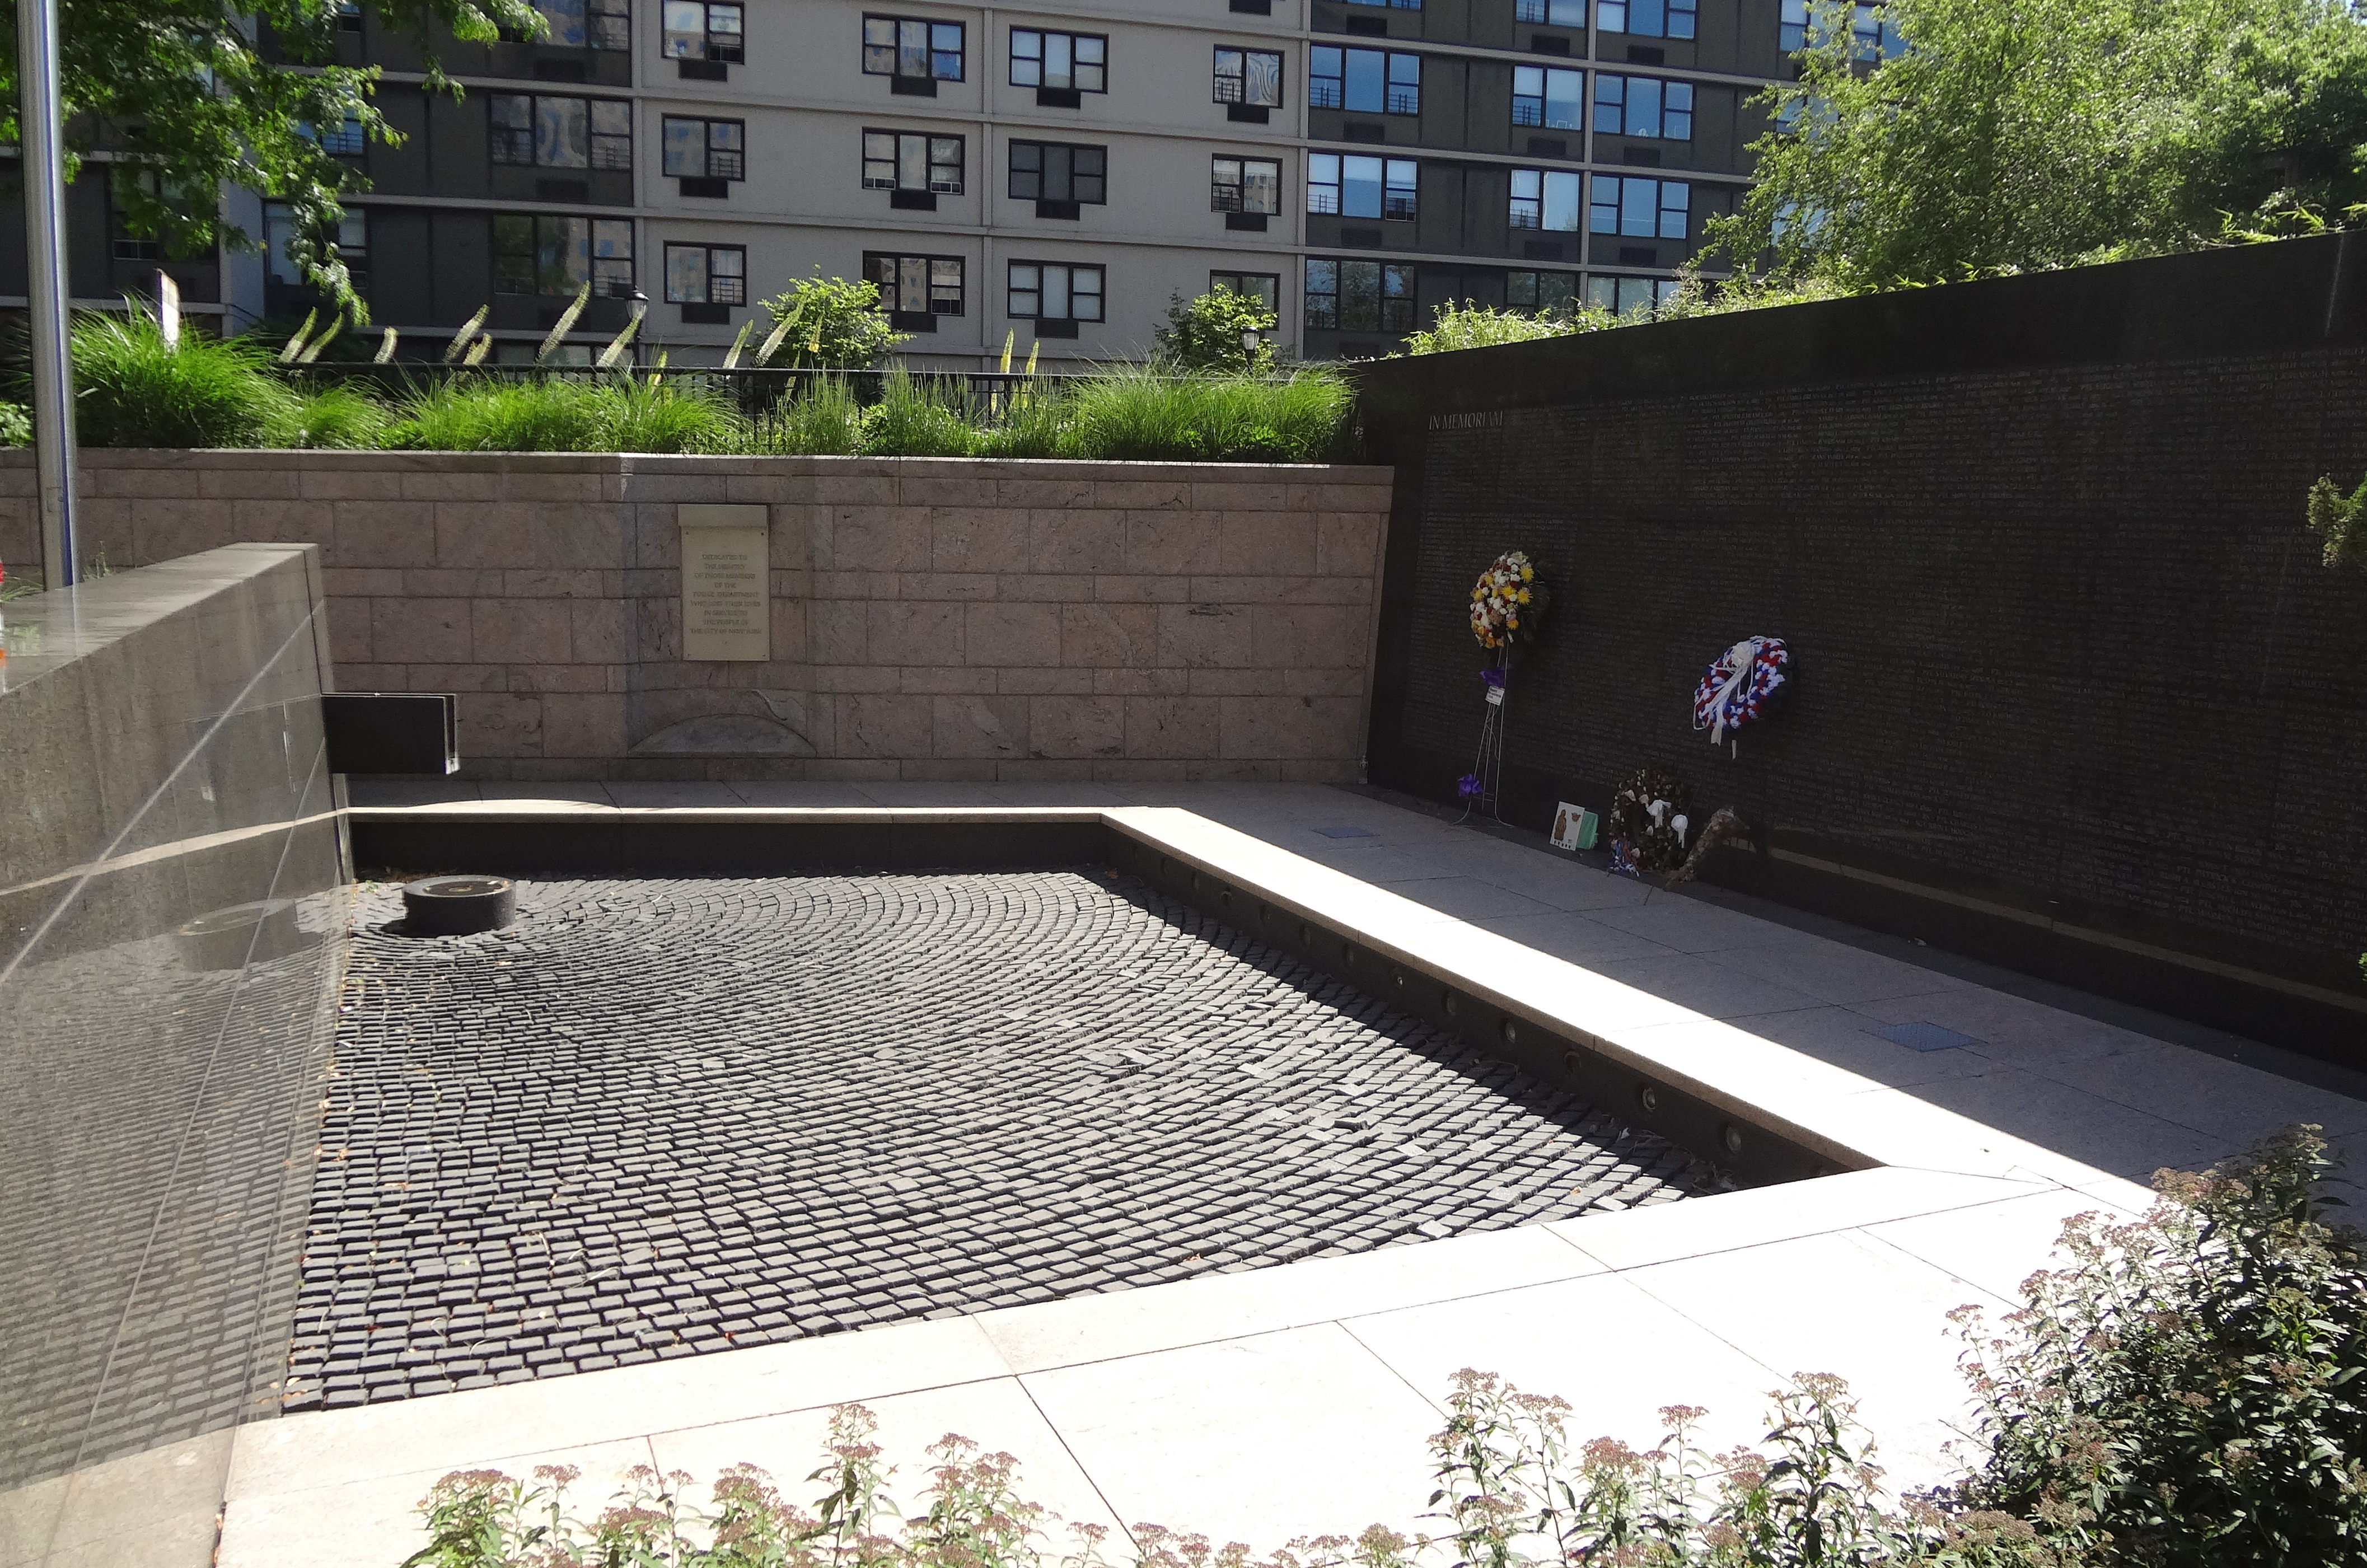 Police Memorial no water